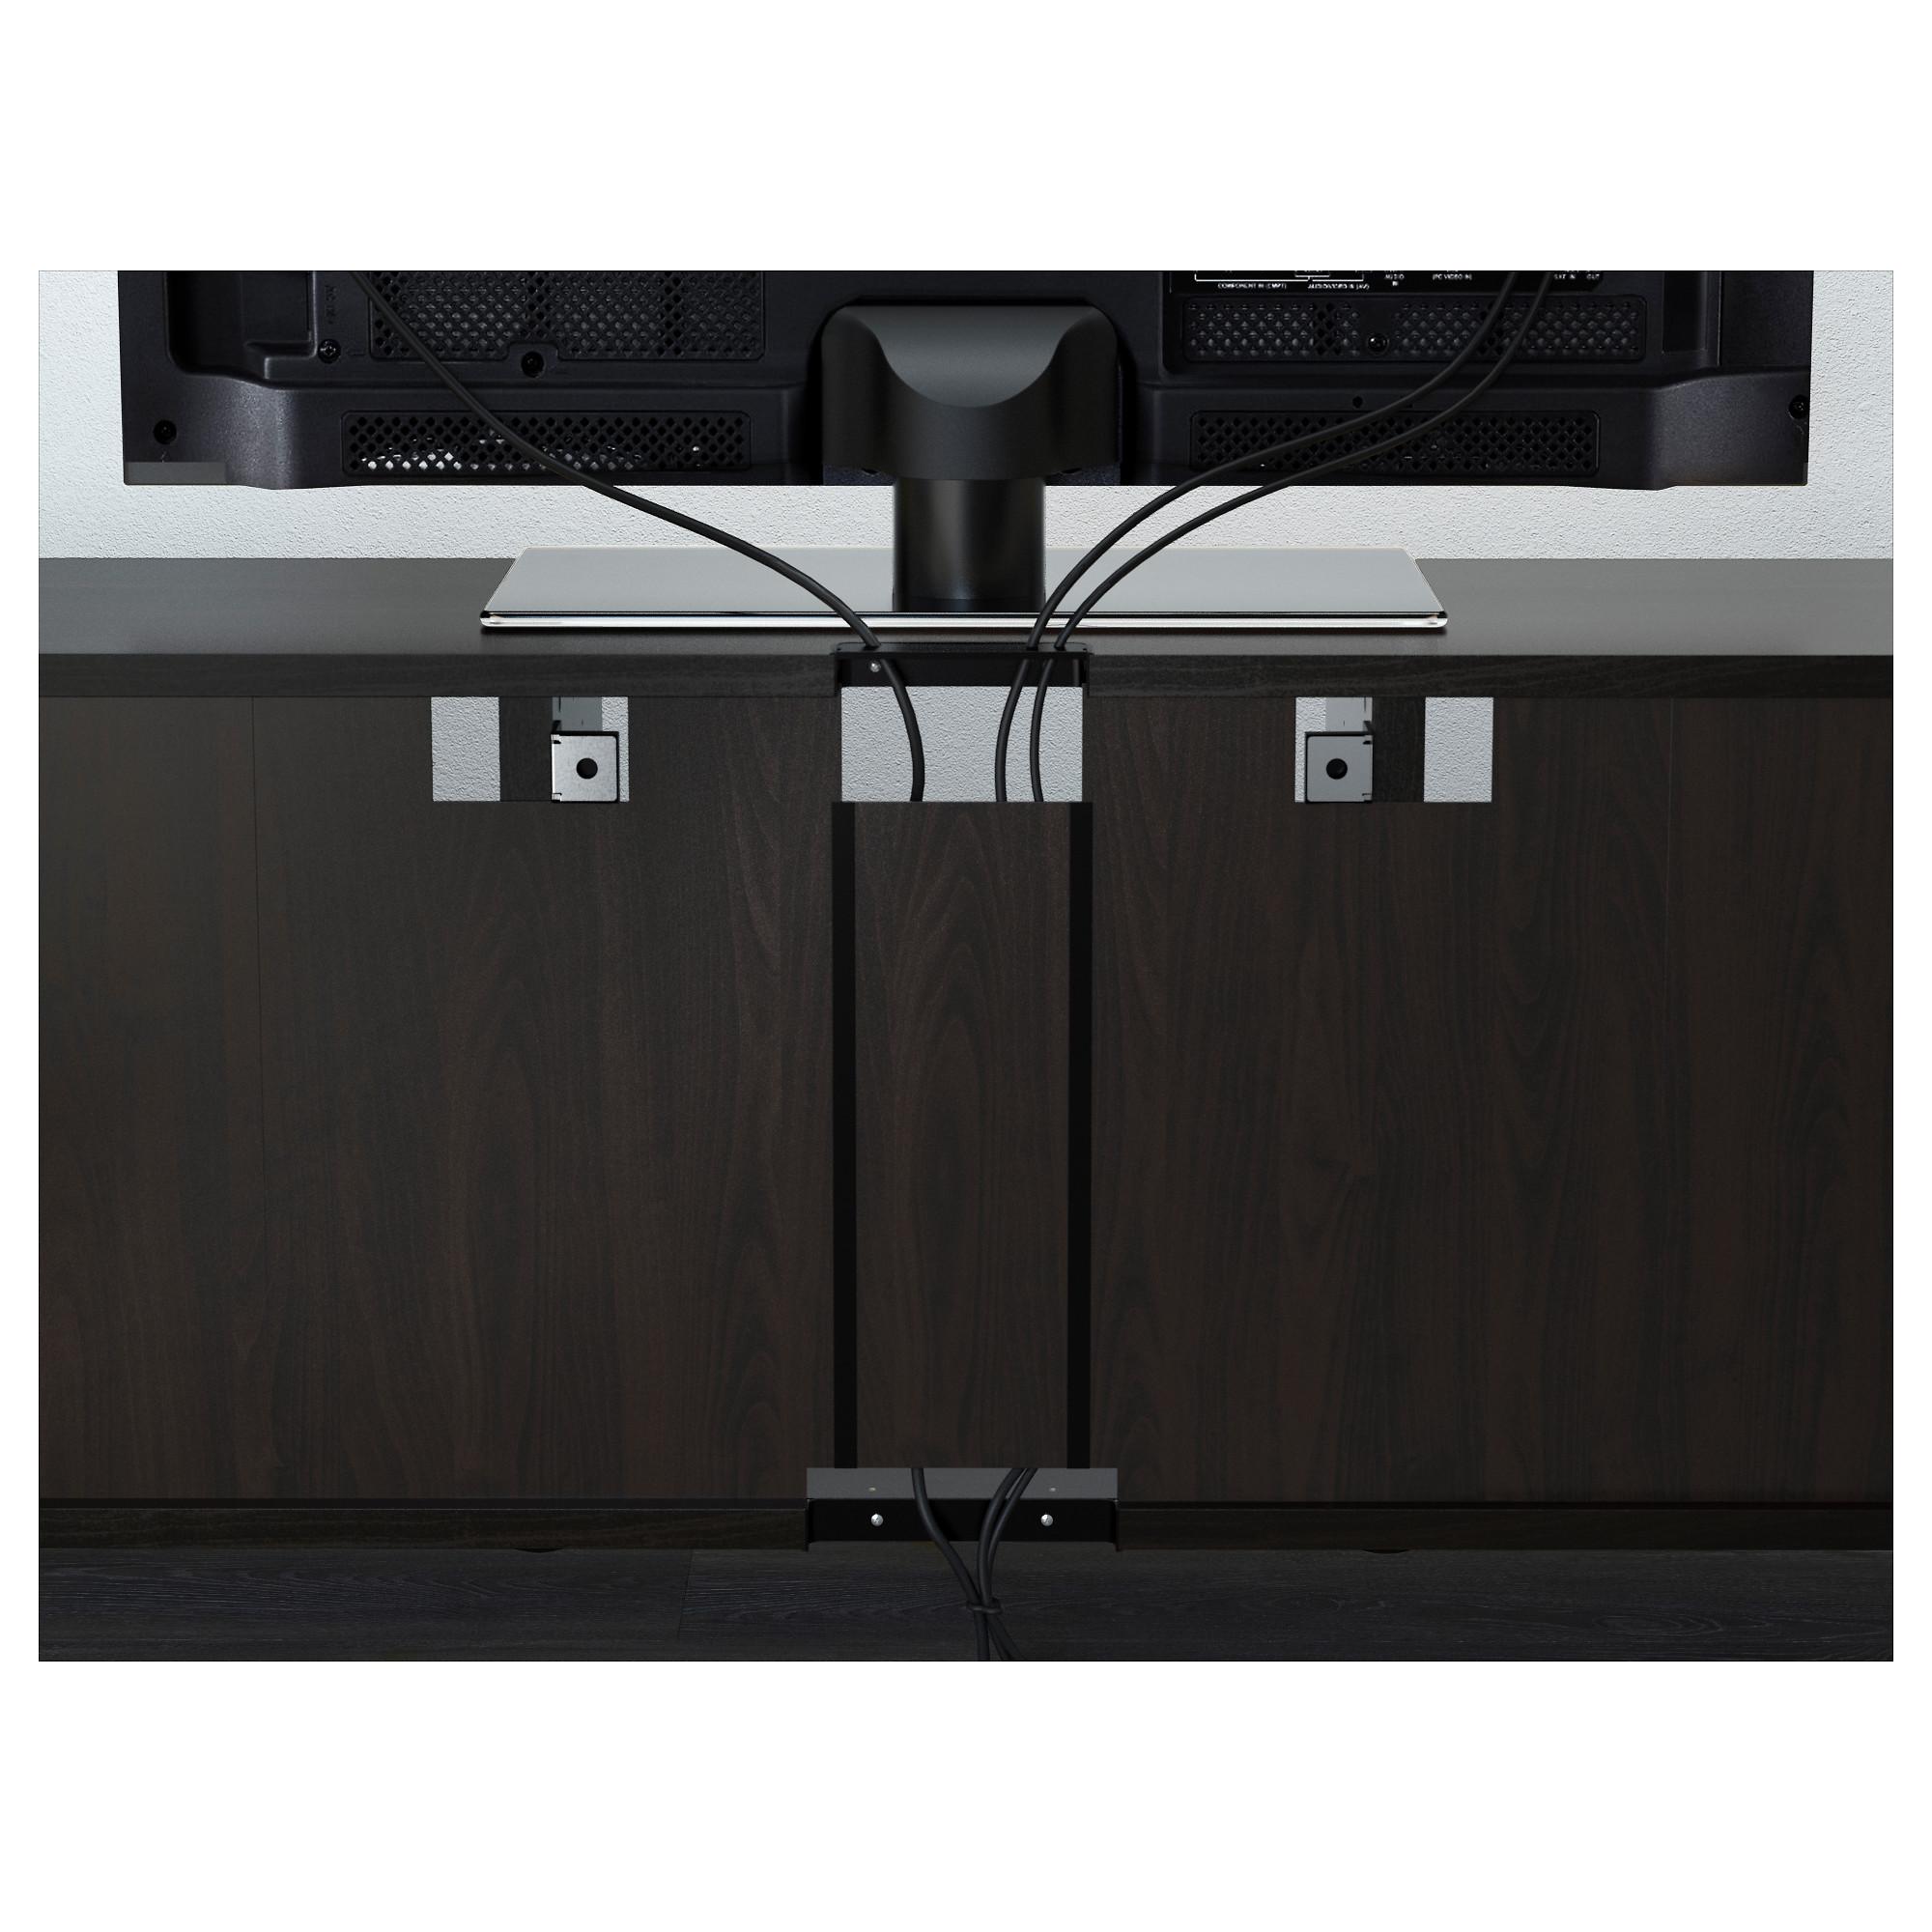 Шкаф для ТВ, комбинированный, стекляные дверцы БЕСТО артикуль № 892.501.61 в наличии. Интернет сайт IKEA РБ. Быстрая доставка и монтаж.